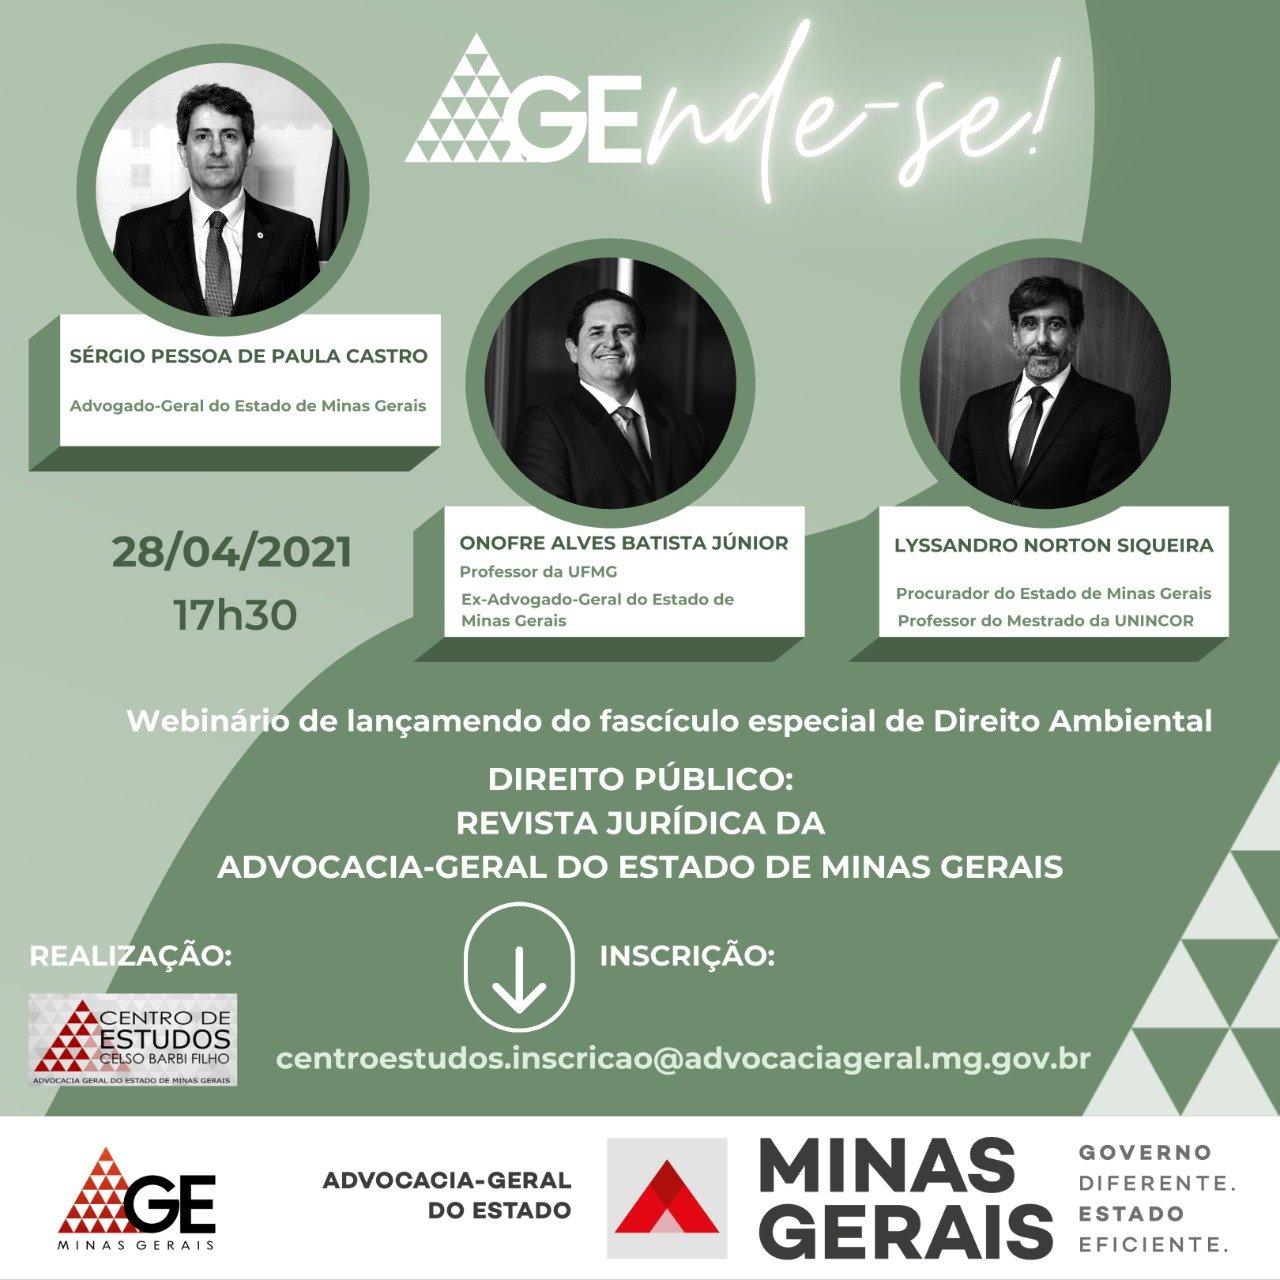 Revista Jurídica  da Advocacia-Geral-do Estado de Minas Gerais